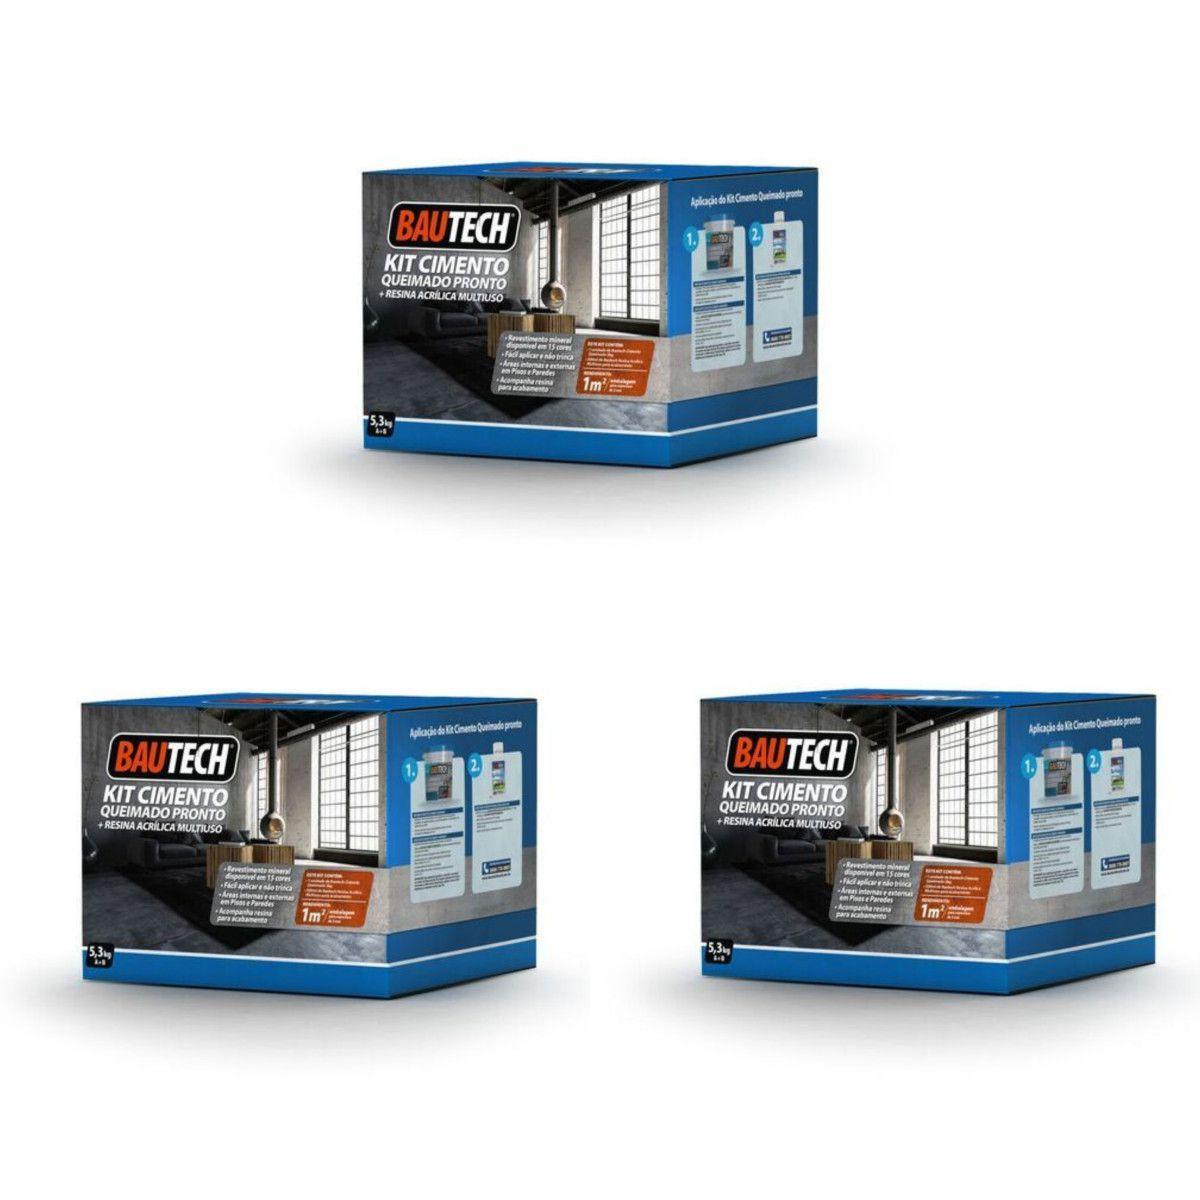 Nova Embalagem Cimento Queimado 5,3kg (3 Unidades) - Bautech